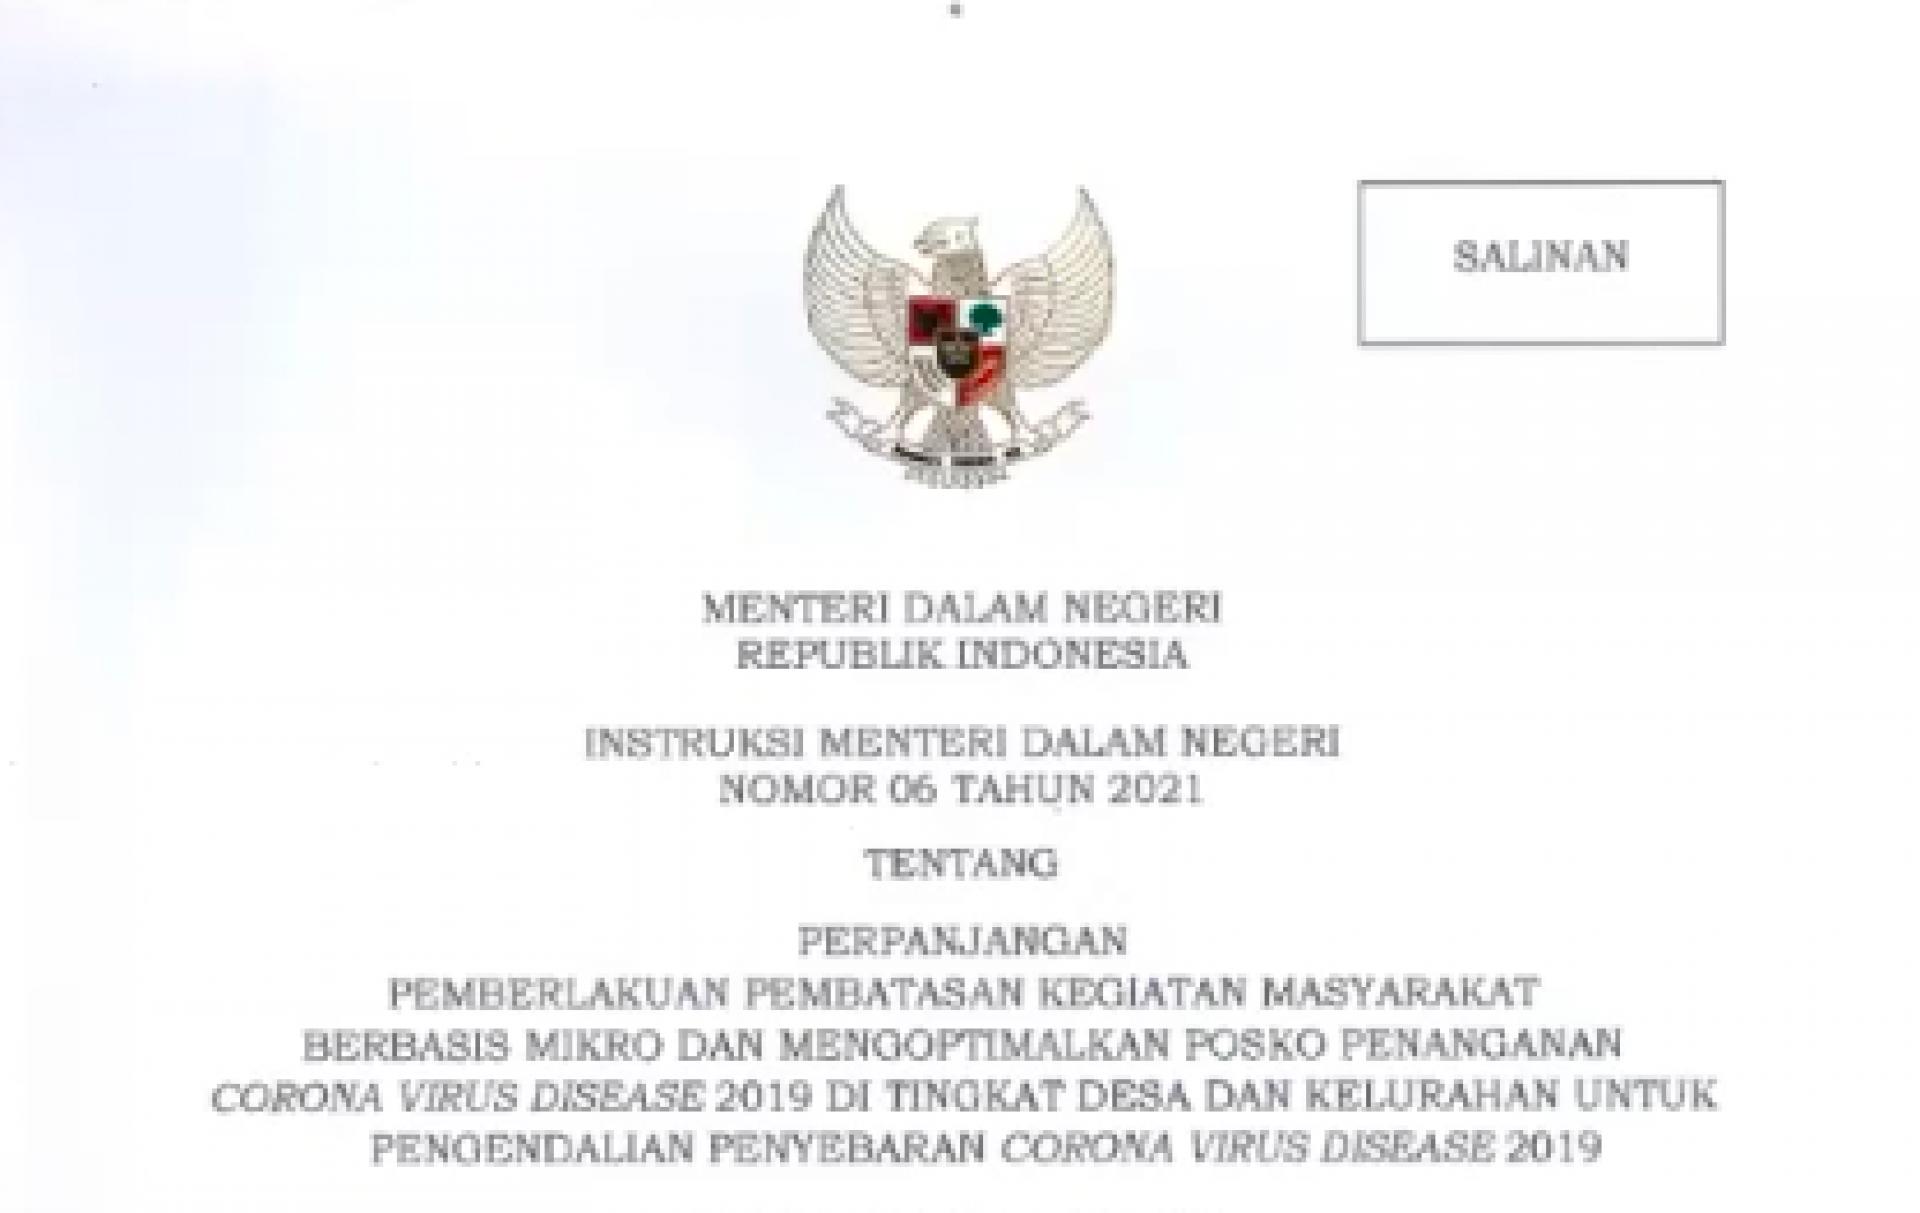 Mendagri Terbitkan Instruksi Nomor 6 Tahun 2021, PPKM Mikro Resmi Diperpanjang dan Diperluas ke 15 Provinsi, Termasuk Kalteng